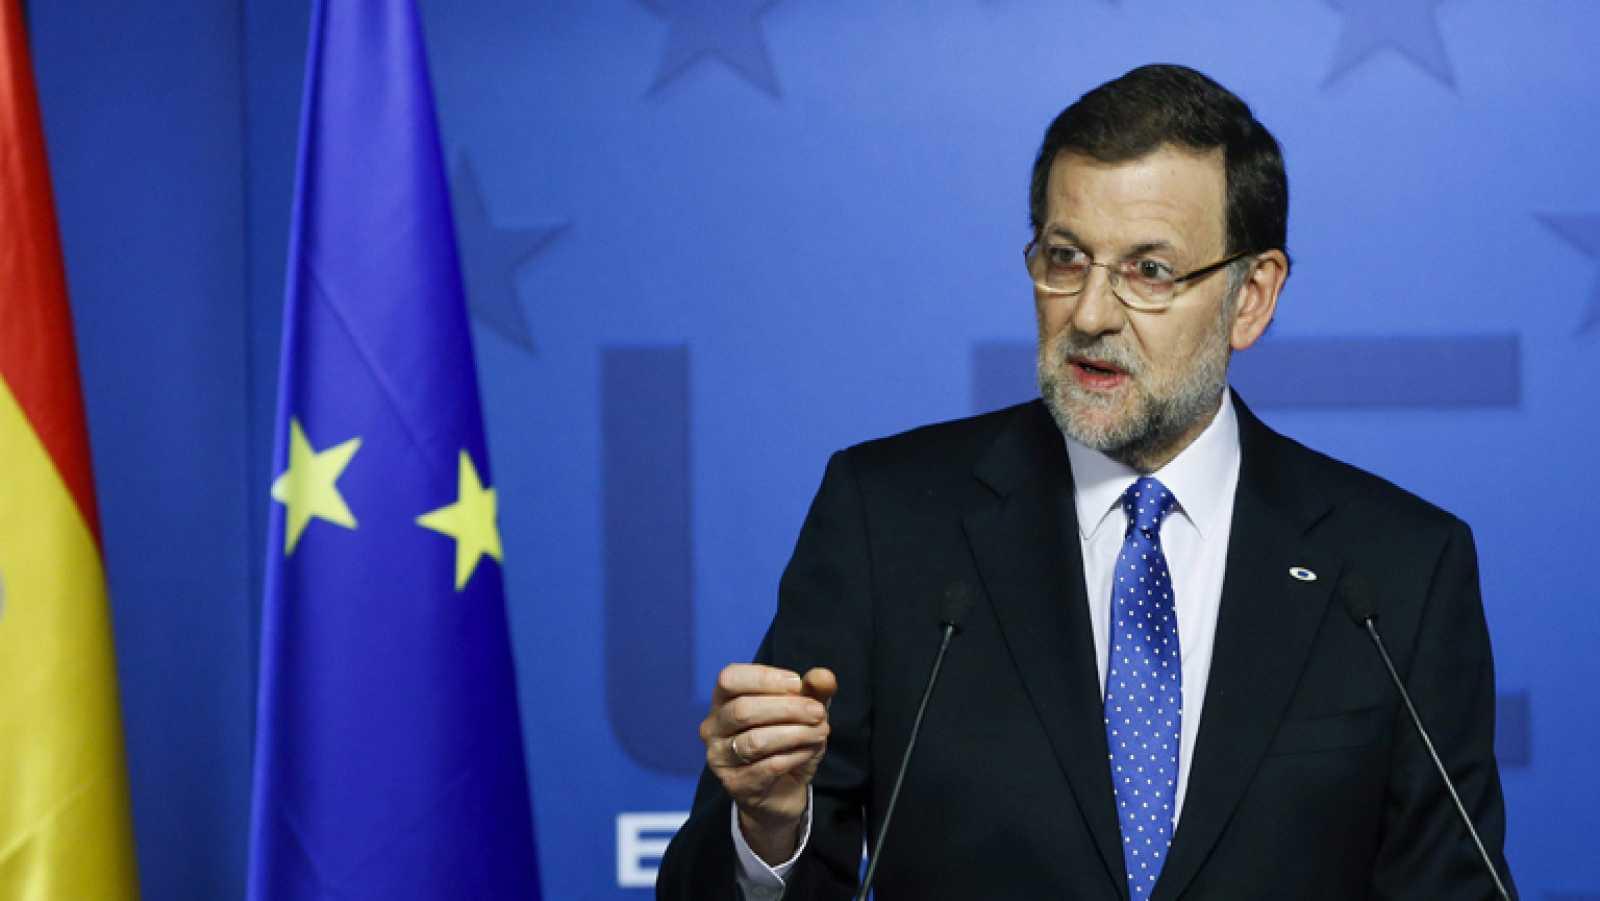 Mariano Rajoy hace públicas sus declaraciones de la renta y patrimonio